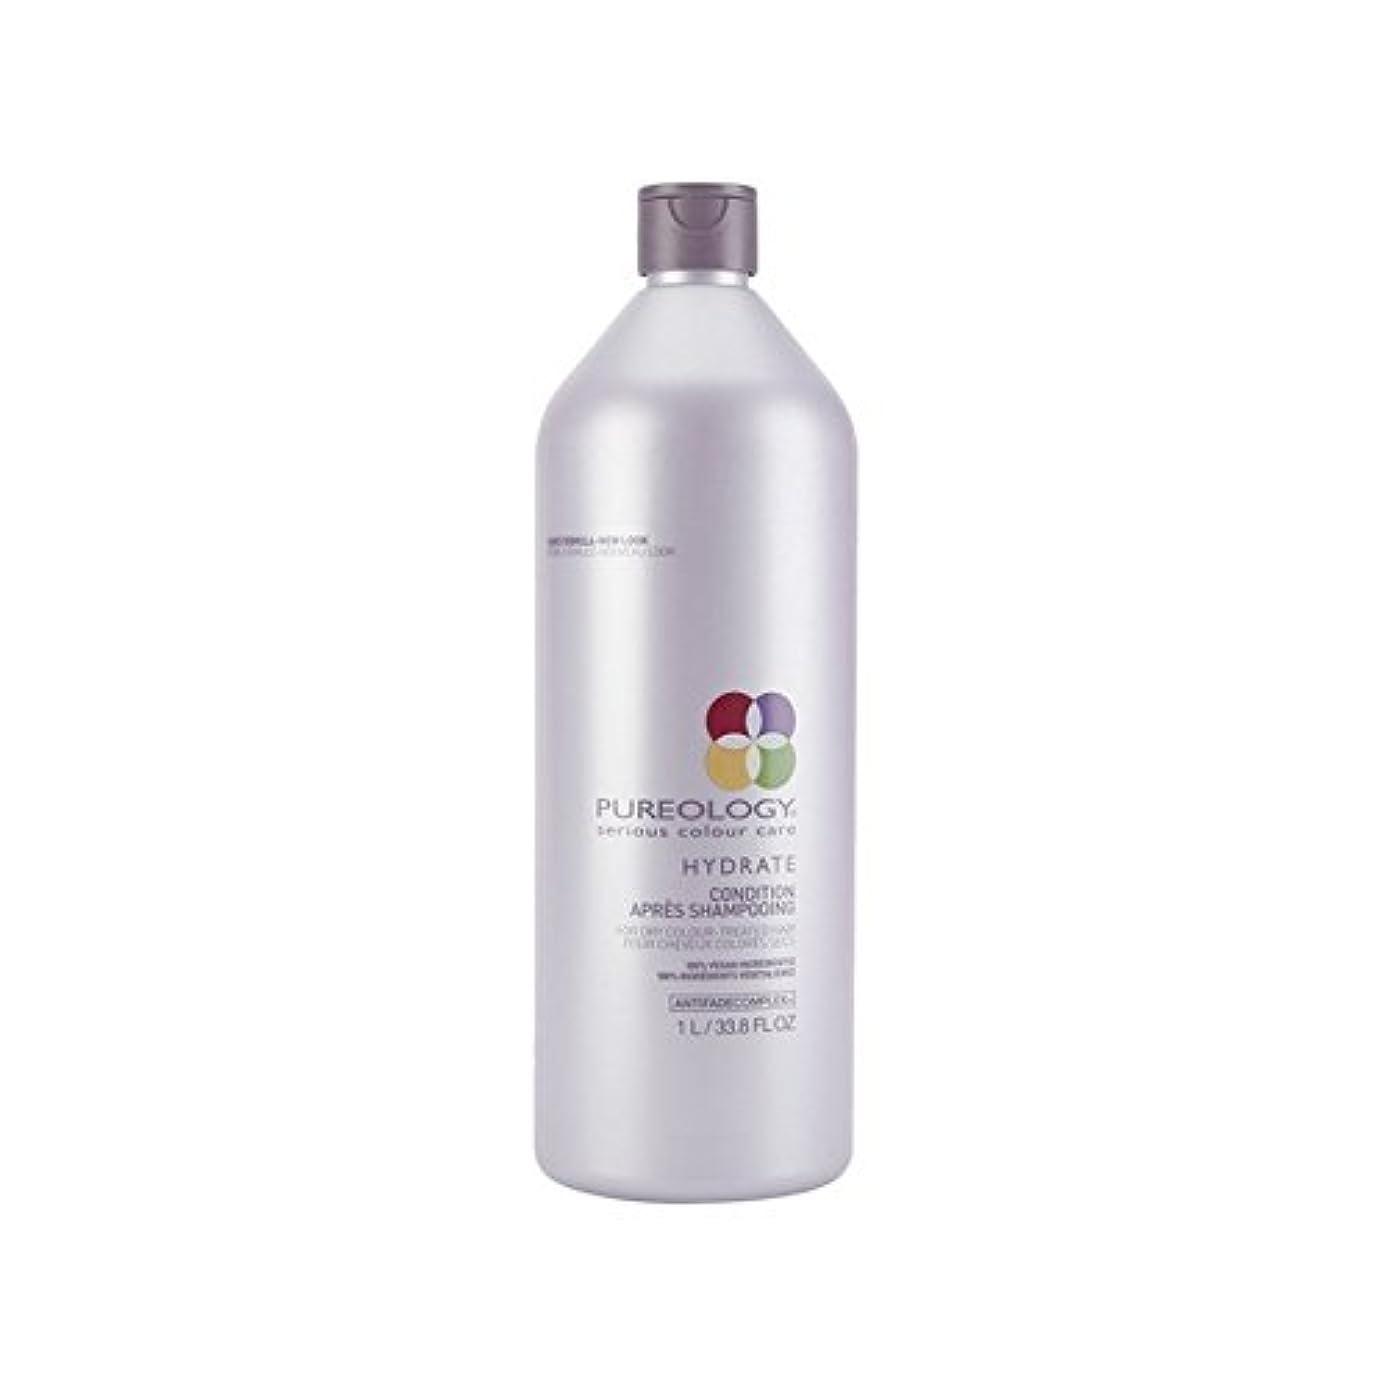 変換活性化ビヨン純粋な水和物コンディショナー(千ミリリットル) x2 - Pureology Pure Hydrate Conditioner (1000ml) (Pack of 2) [並行輸入品]